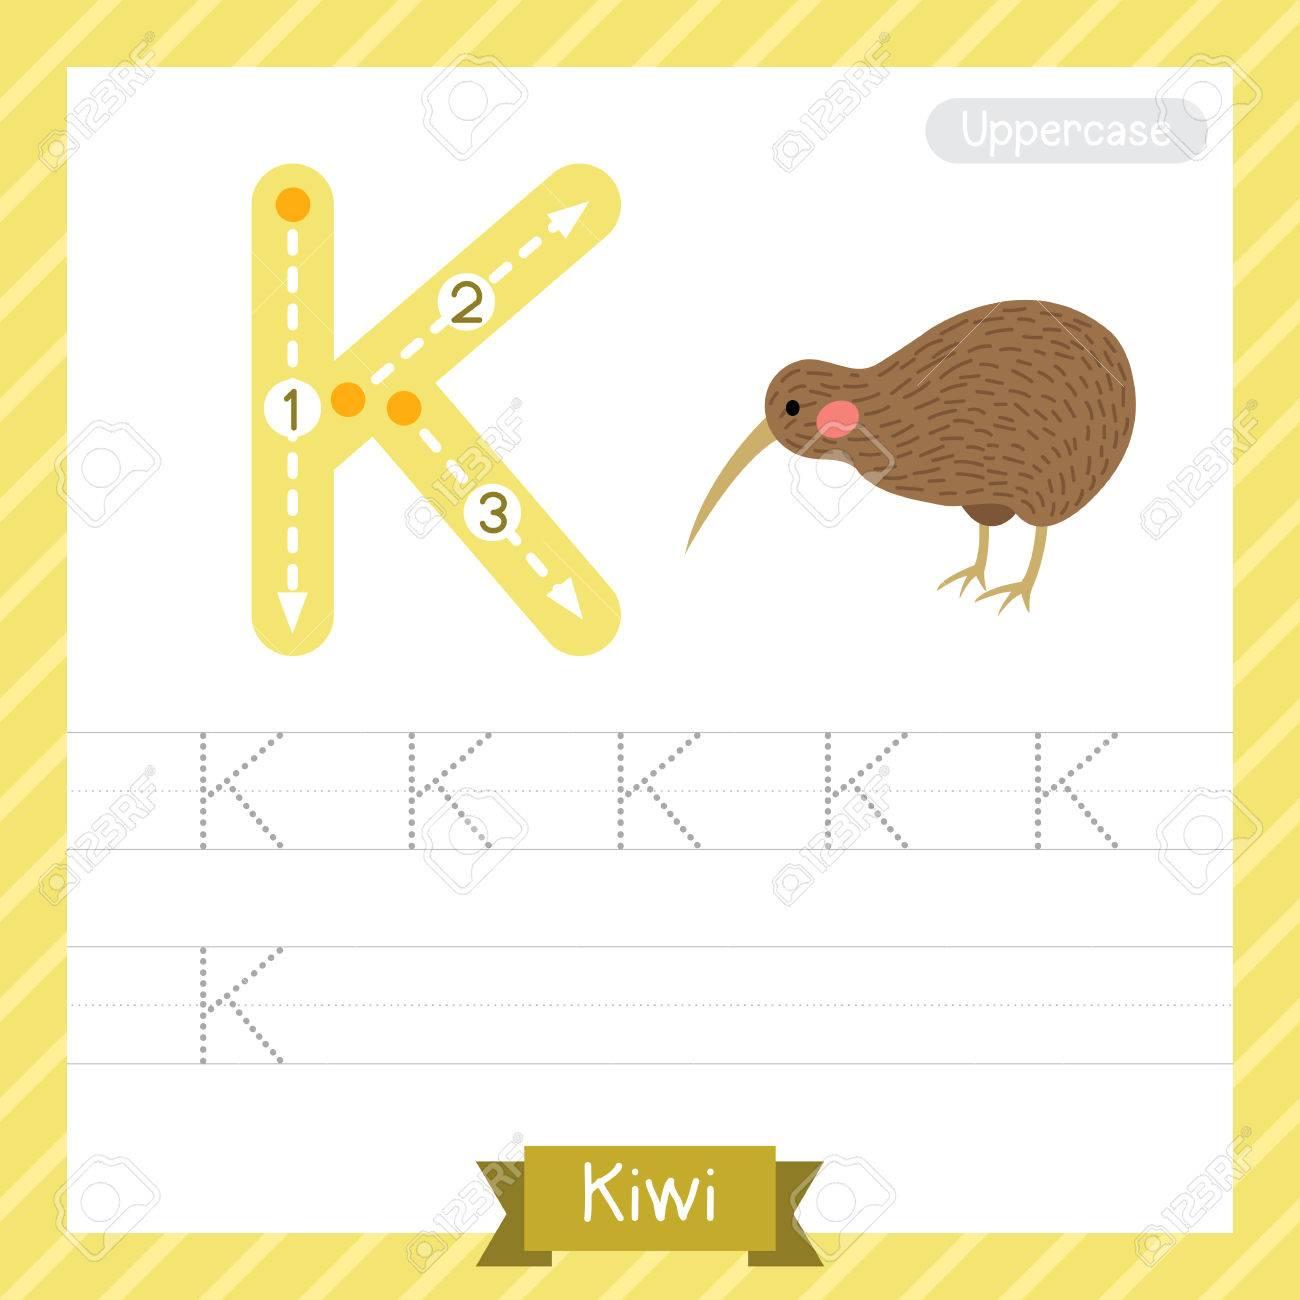 Letter K Großbuchstaben Praxis Praxis Arbeitsblatt Mit Kiwi Für ...